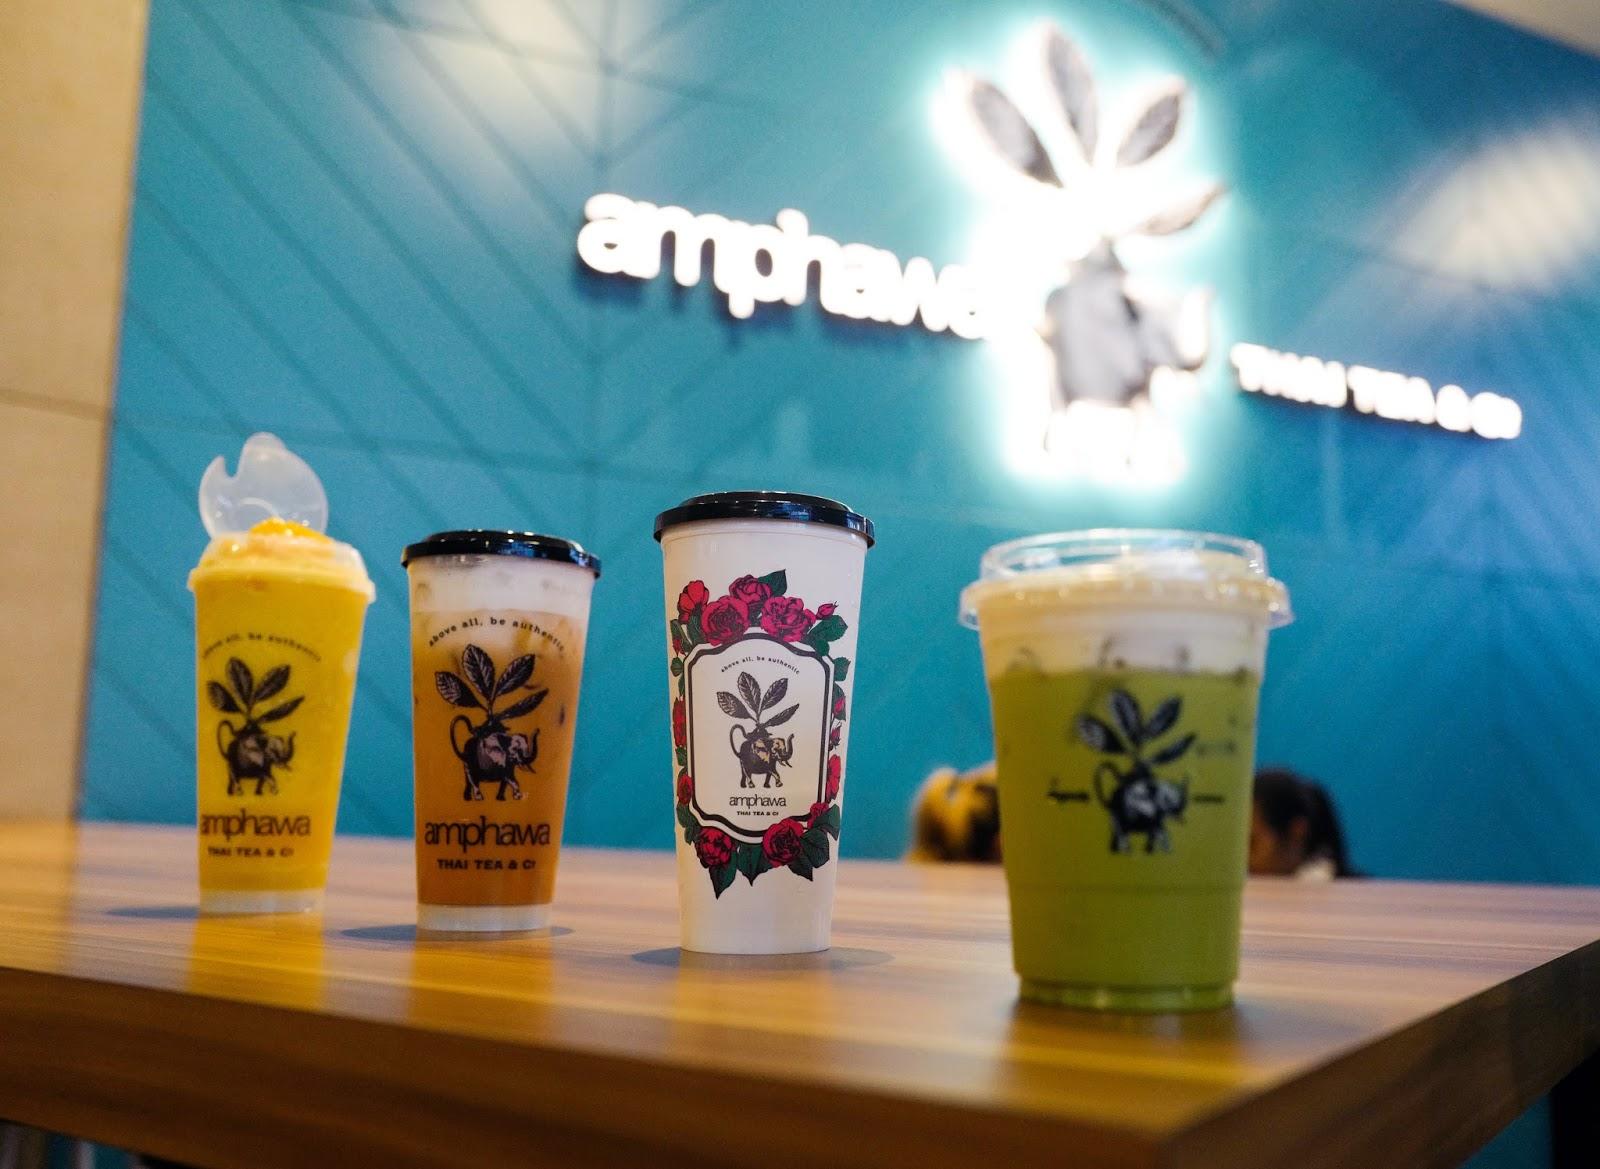 amphawa thai tea & co kl @ mid valley